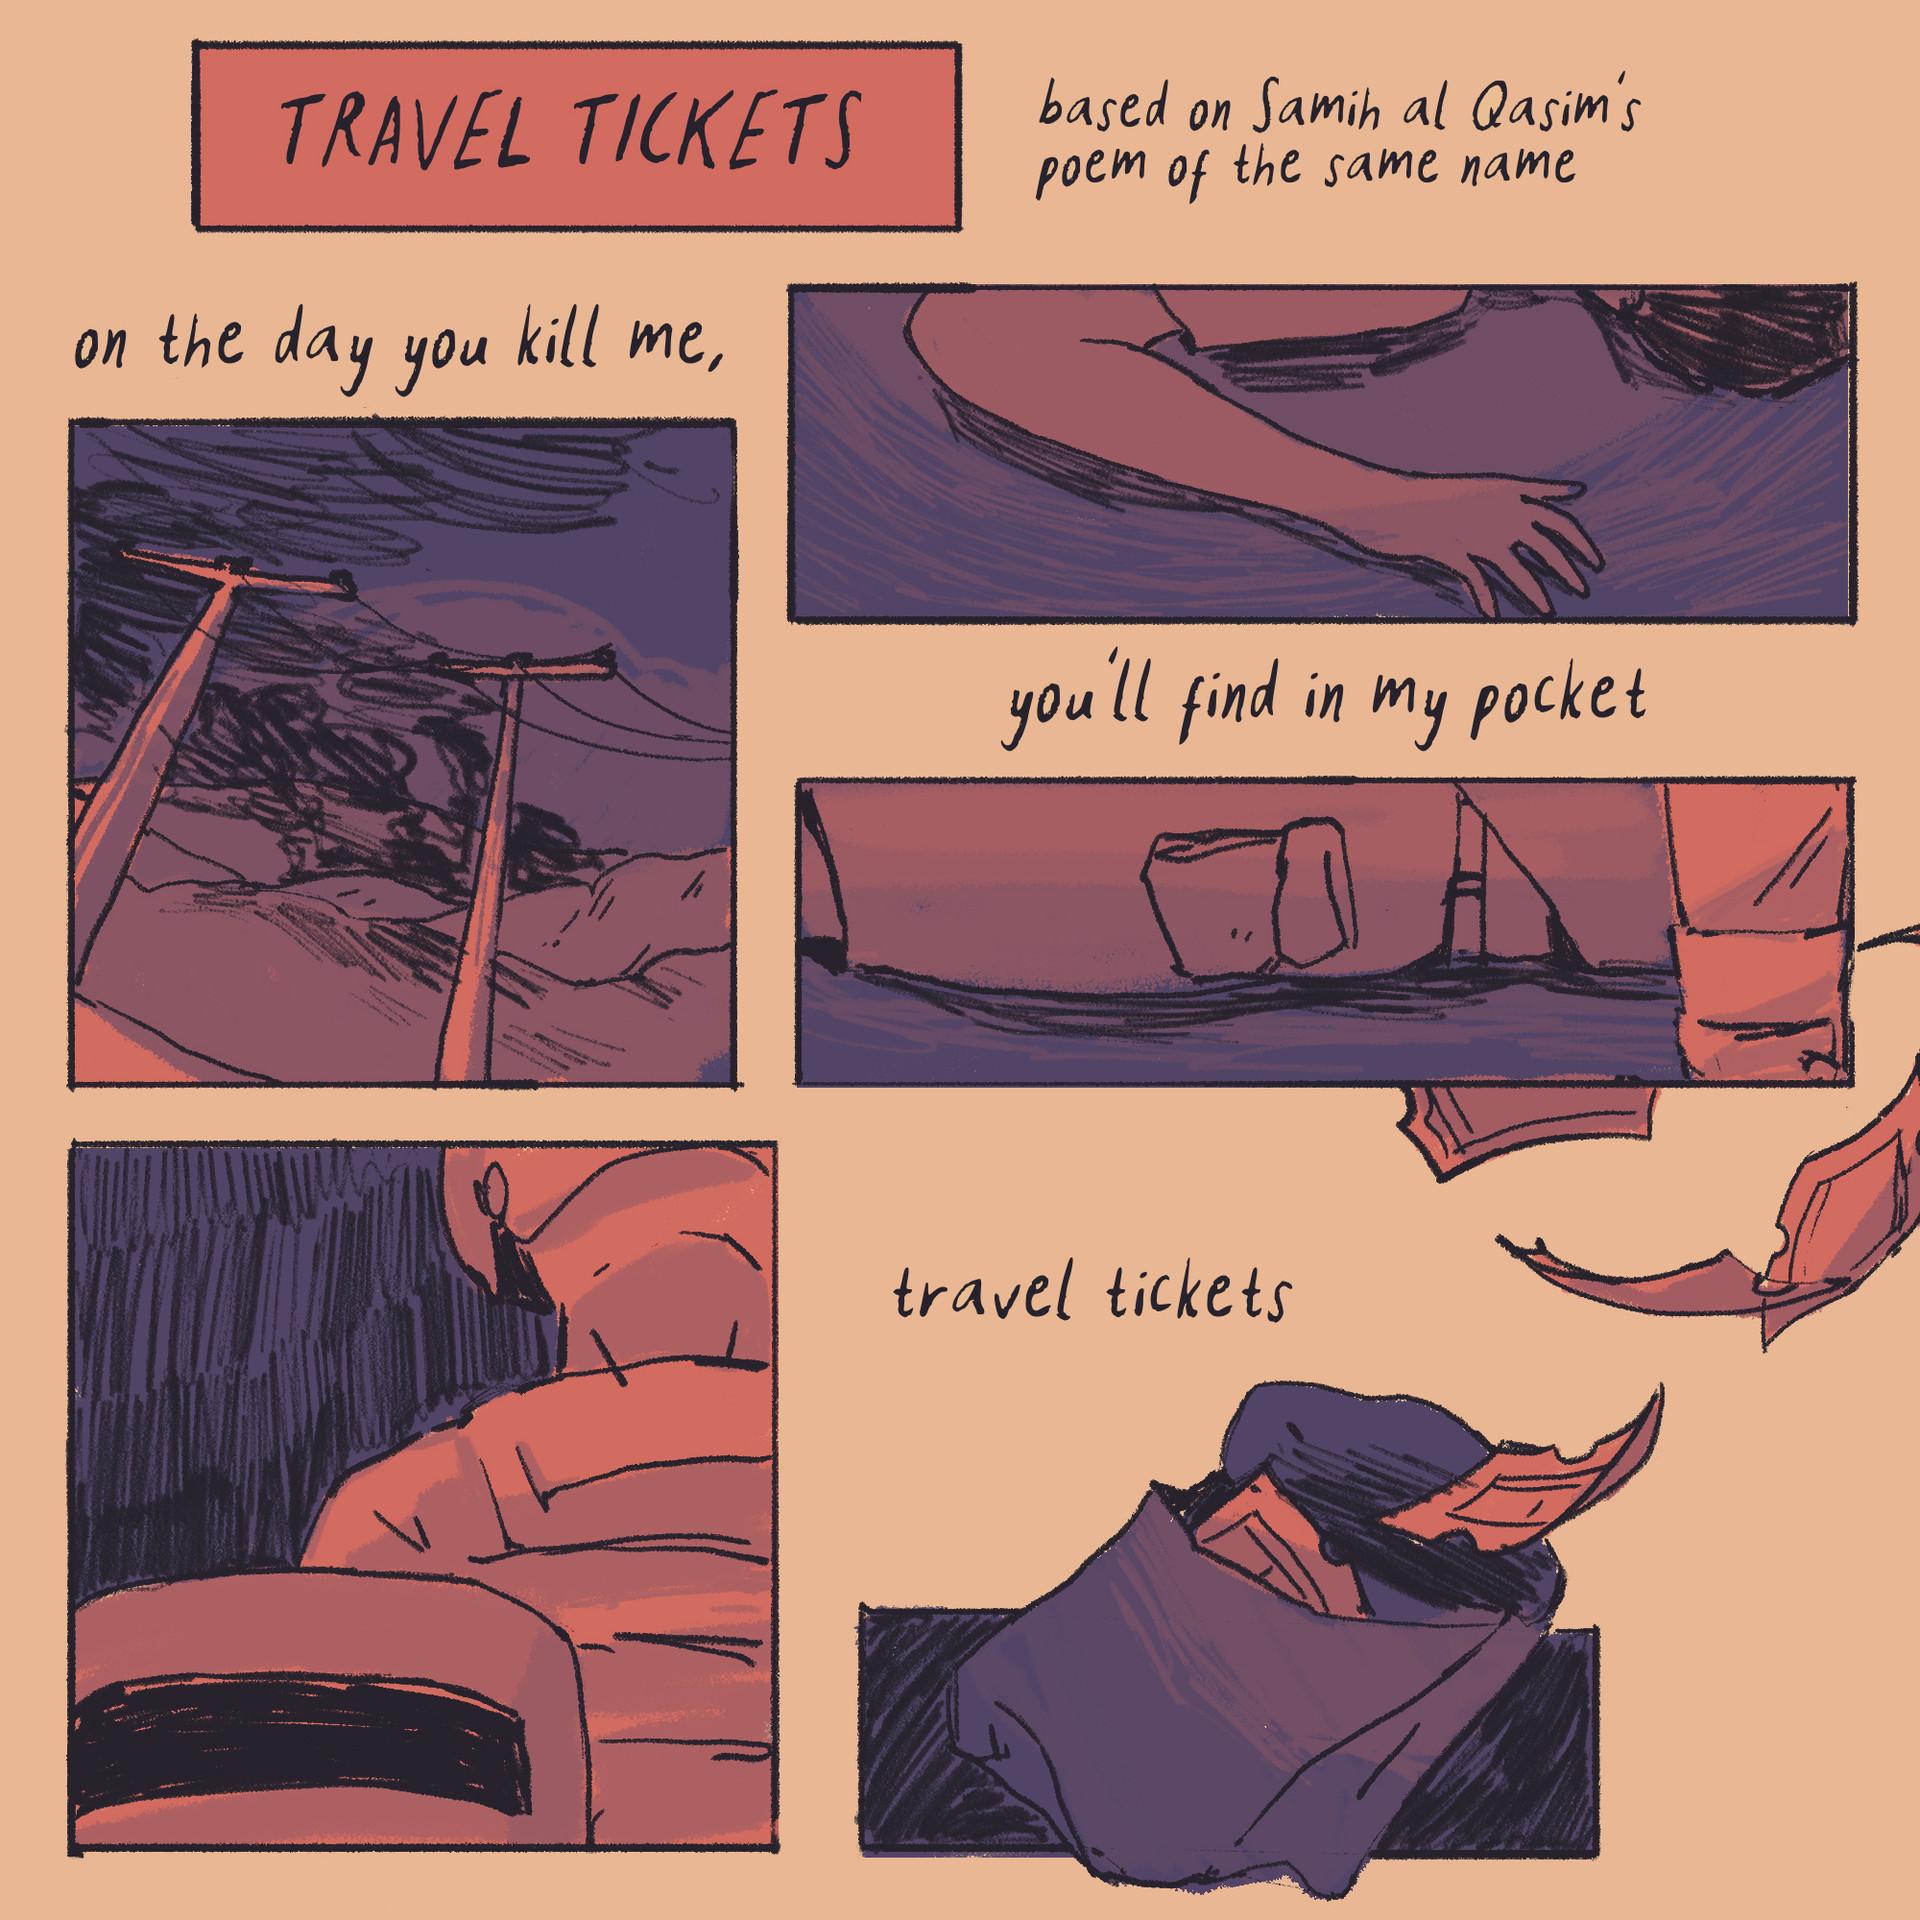 travel tickets